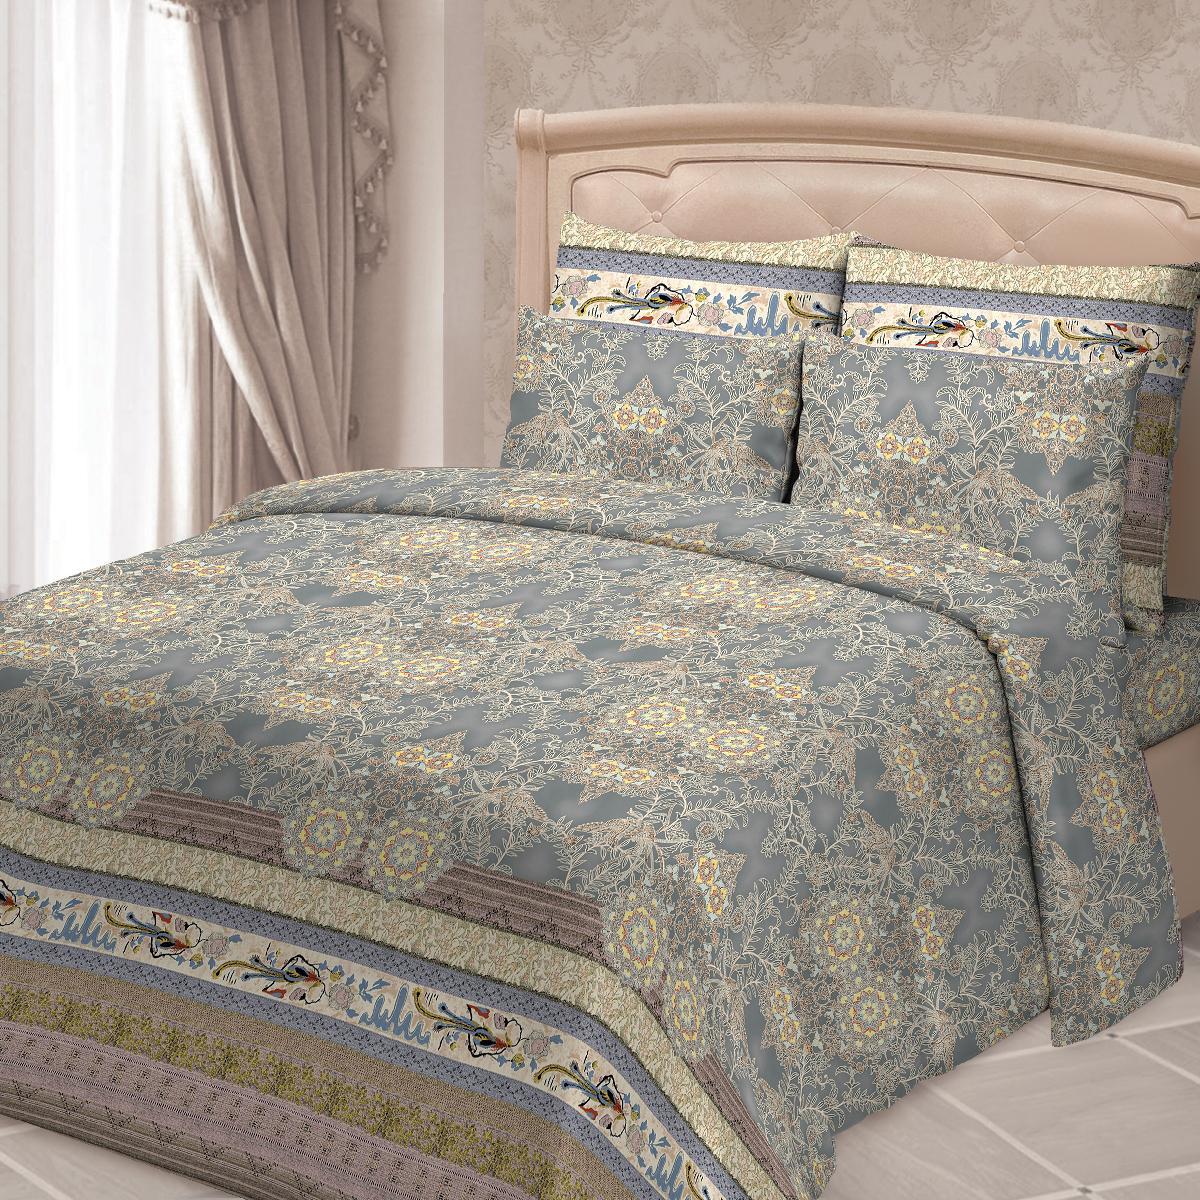 Комплект белья Сорренто Бергамо, семейный, наволочки 70х70, цвет: голубой комплекты белья